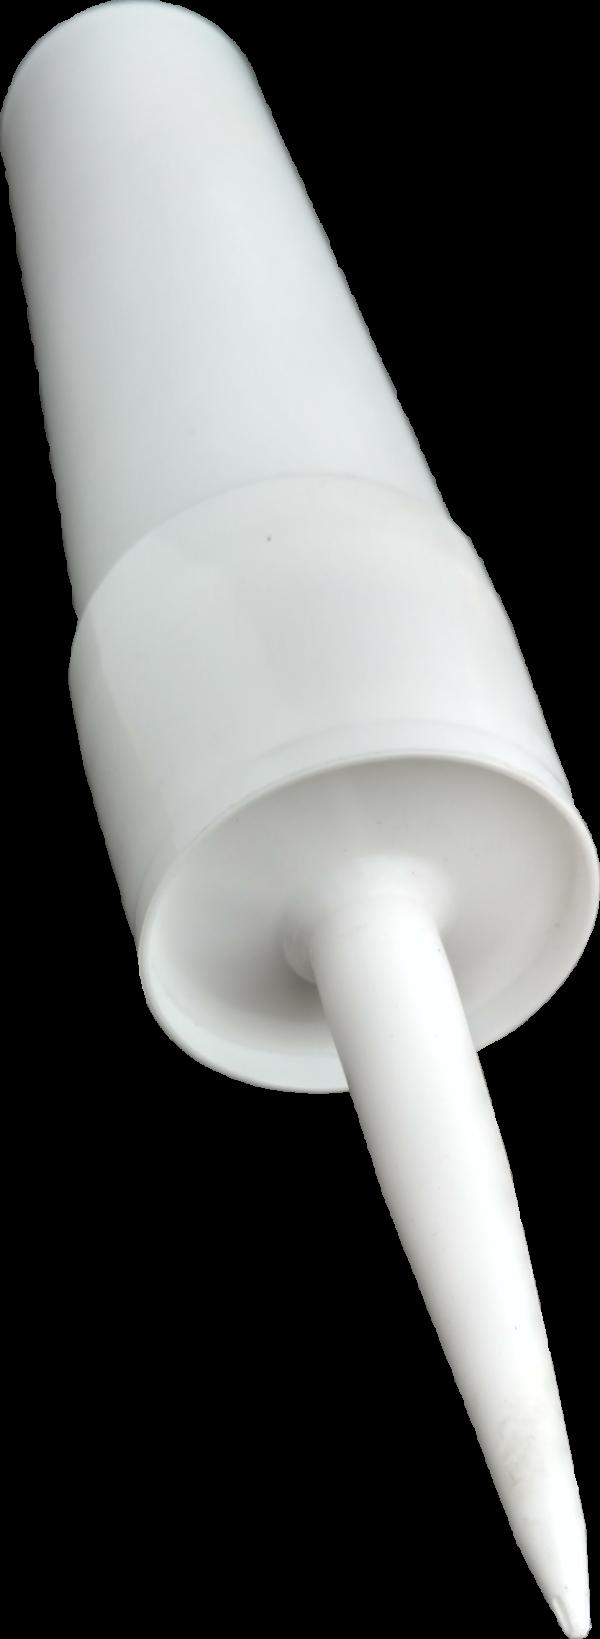 3 Reusable White Plastic Caulking Tubes (32oz / Quart Size) Single